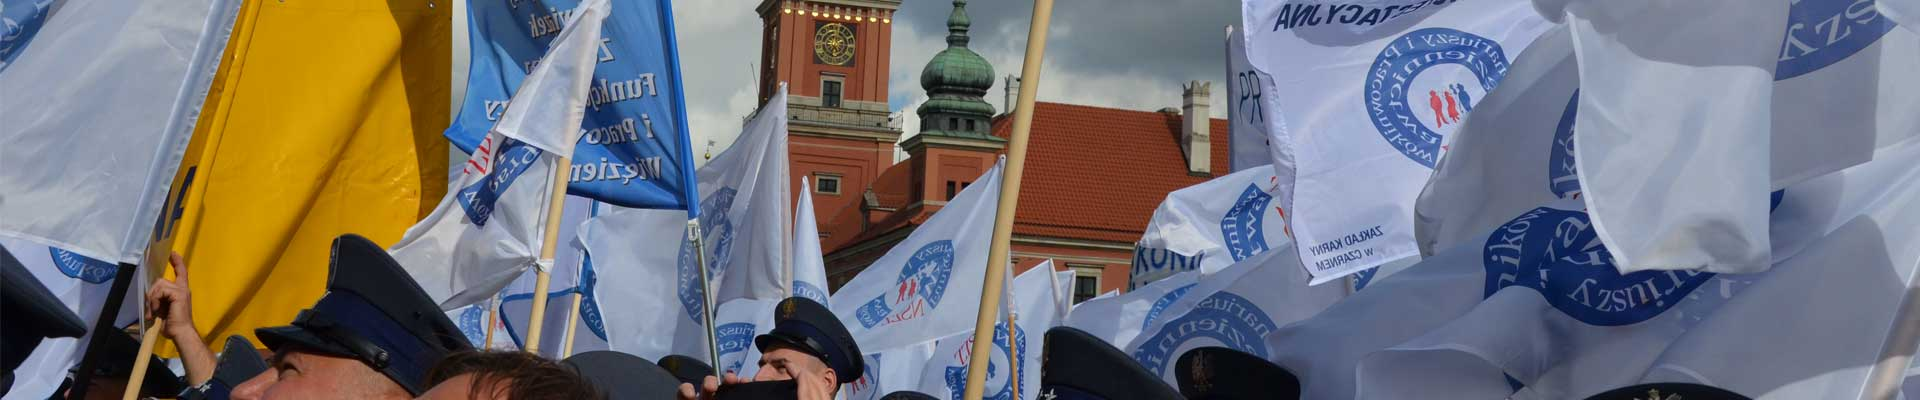 Międzynarodowa Związkowa Konferencja Służb Penitencjarnych Węgry 10-13 października 2018 r.